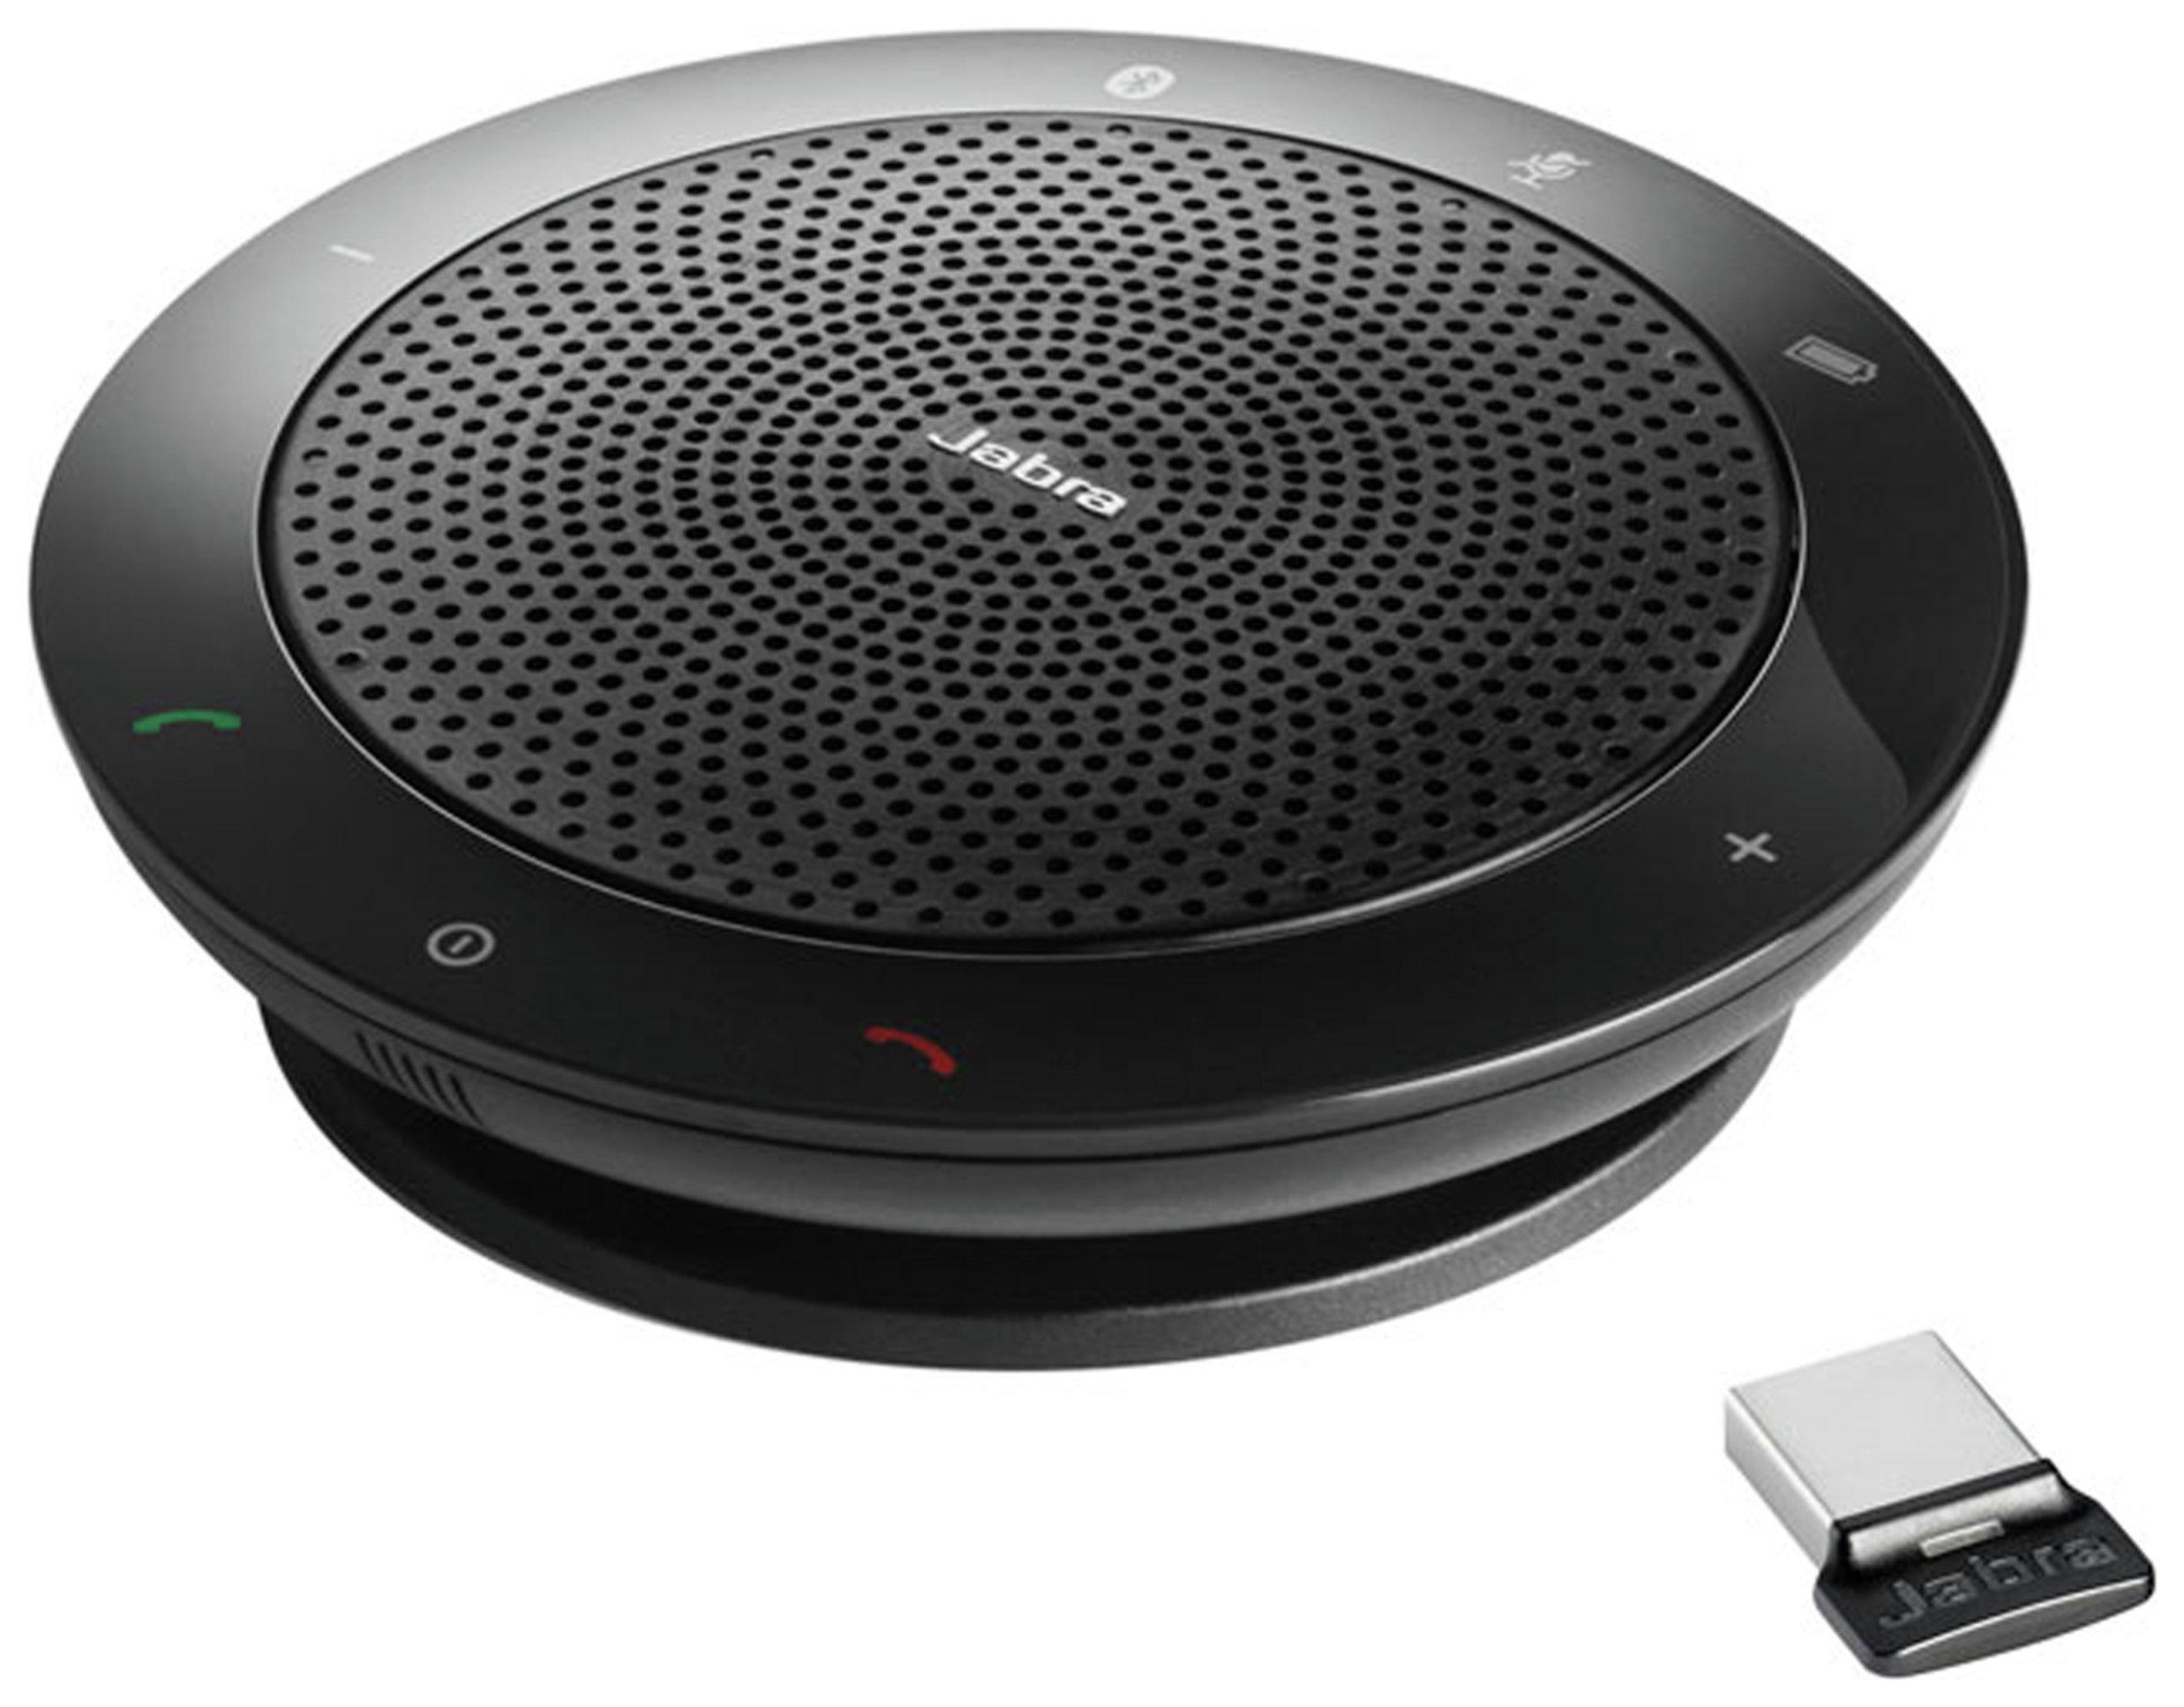 Image of Jabra Speak 510 Portable Stereo Speaker - Black.